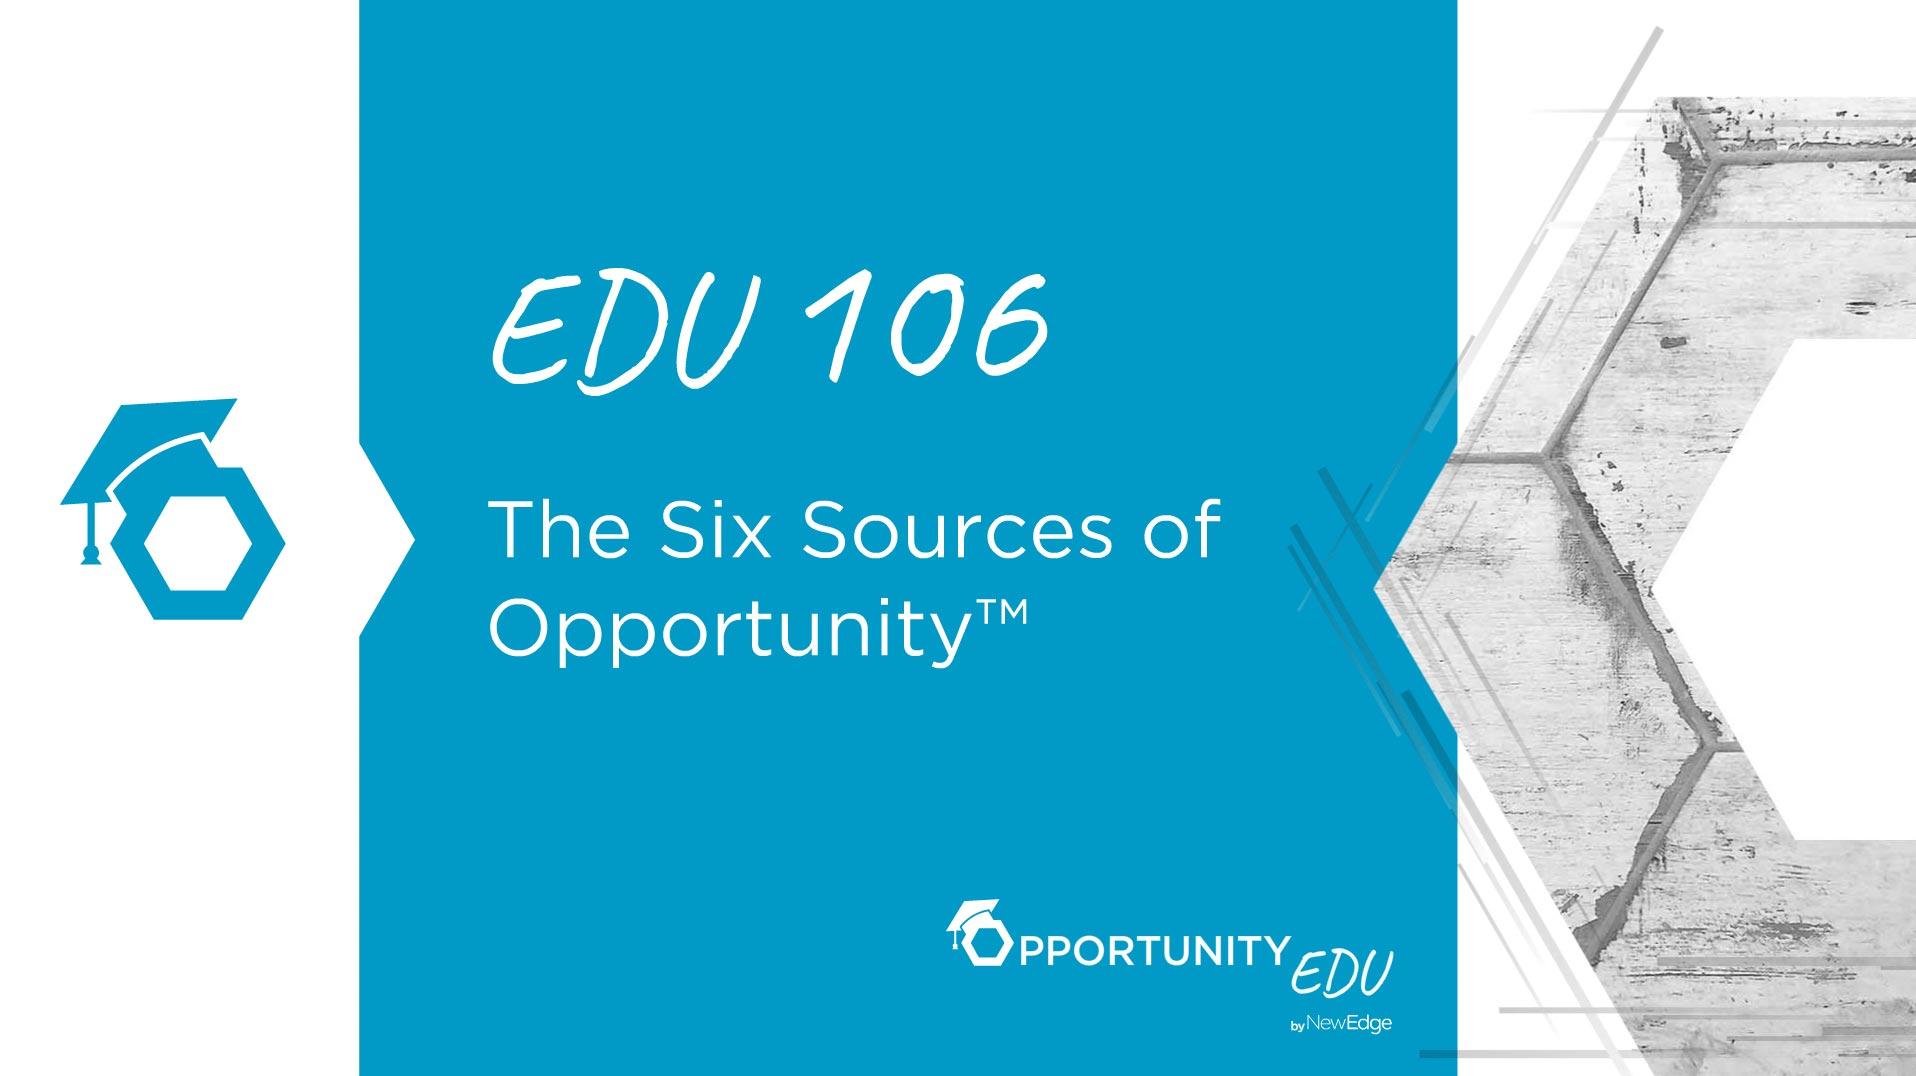 EDU 106